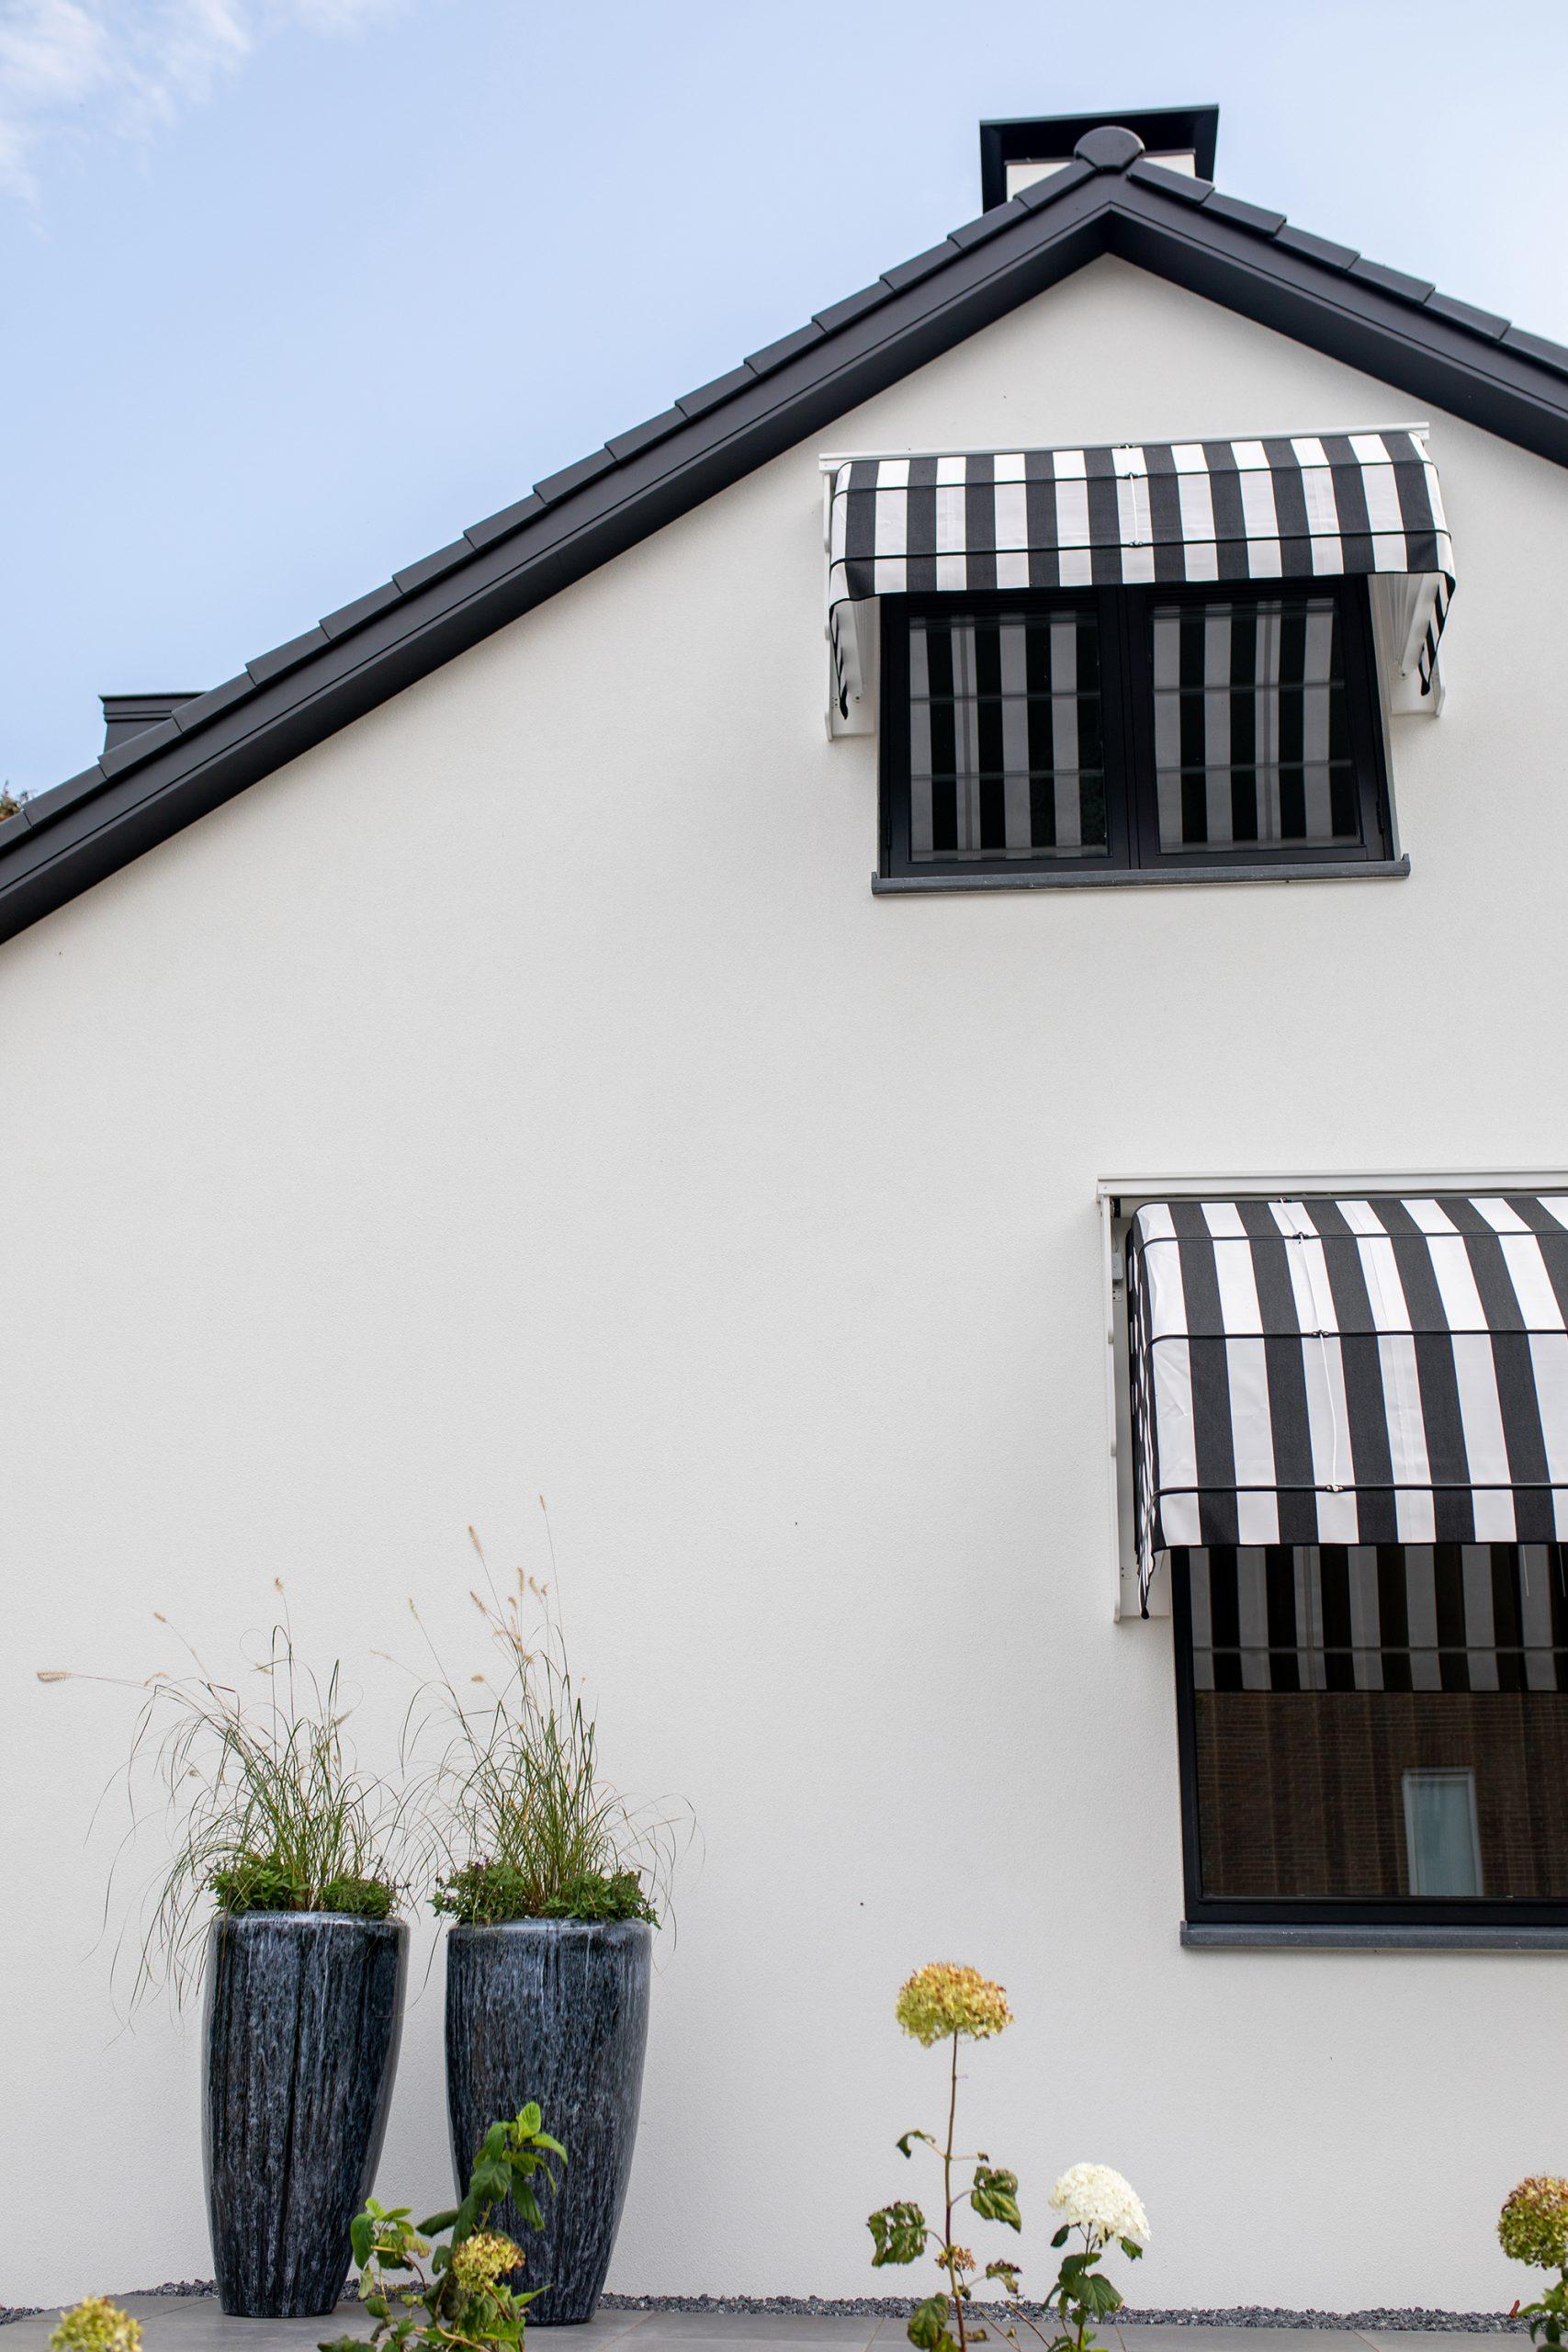 Rietveld interieurbouw oudewater verbouwing renovatie14 scaled